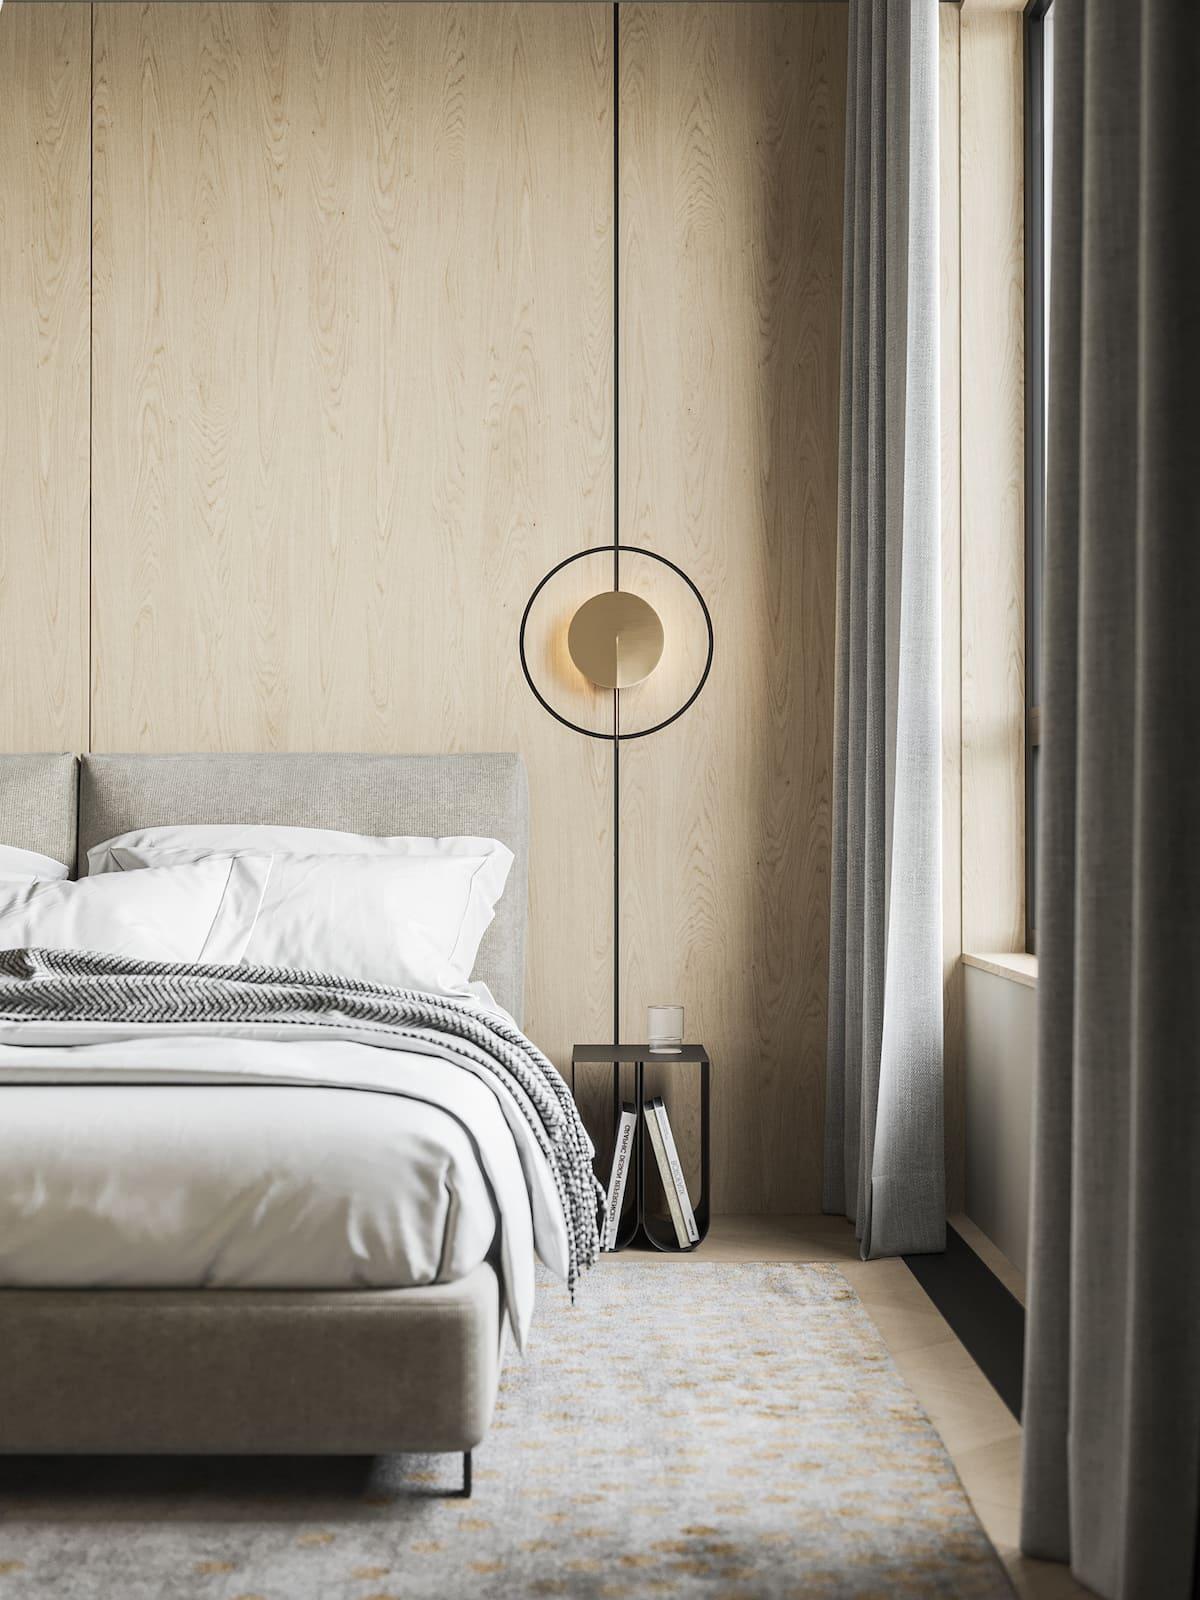 design d'intérieur d'un appartement à la mode photo 27